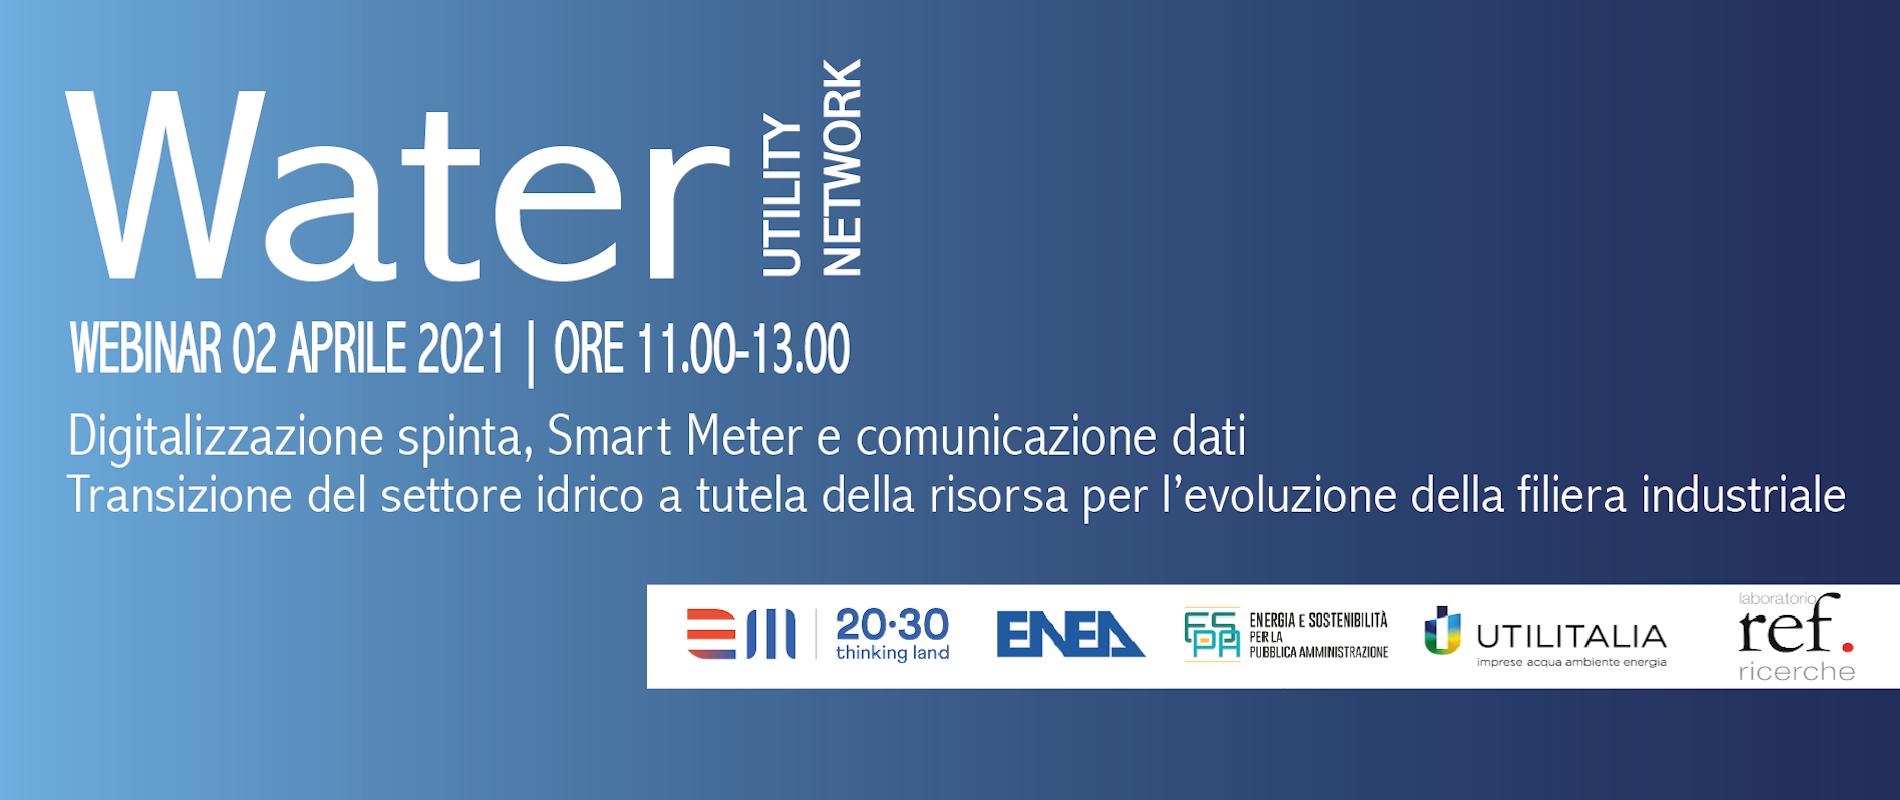 Water Utility Network. Digitalizzazione spinta, Smart Meter e comunicazione dati